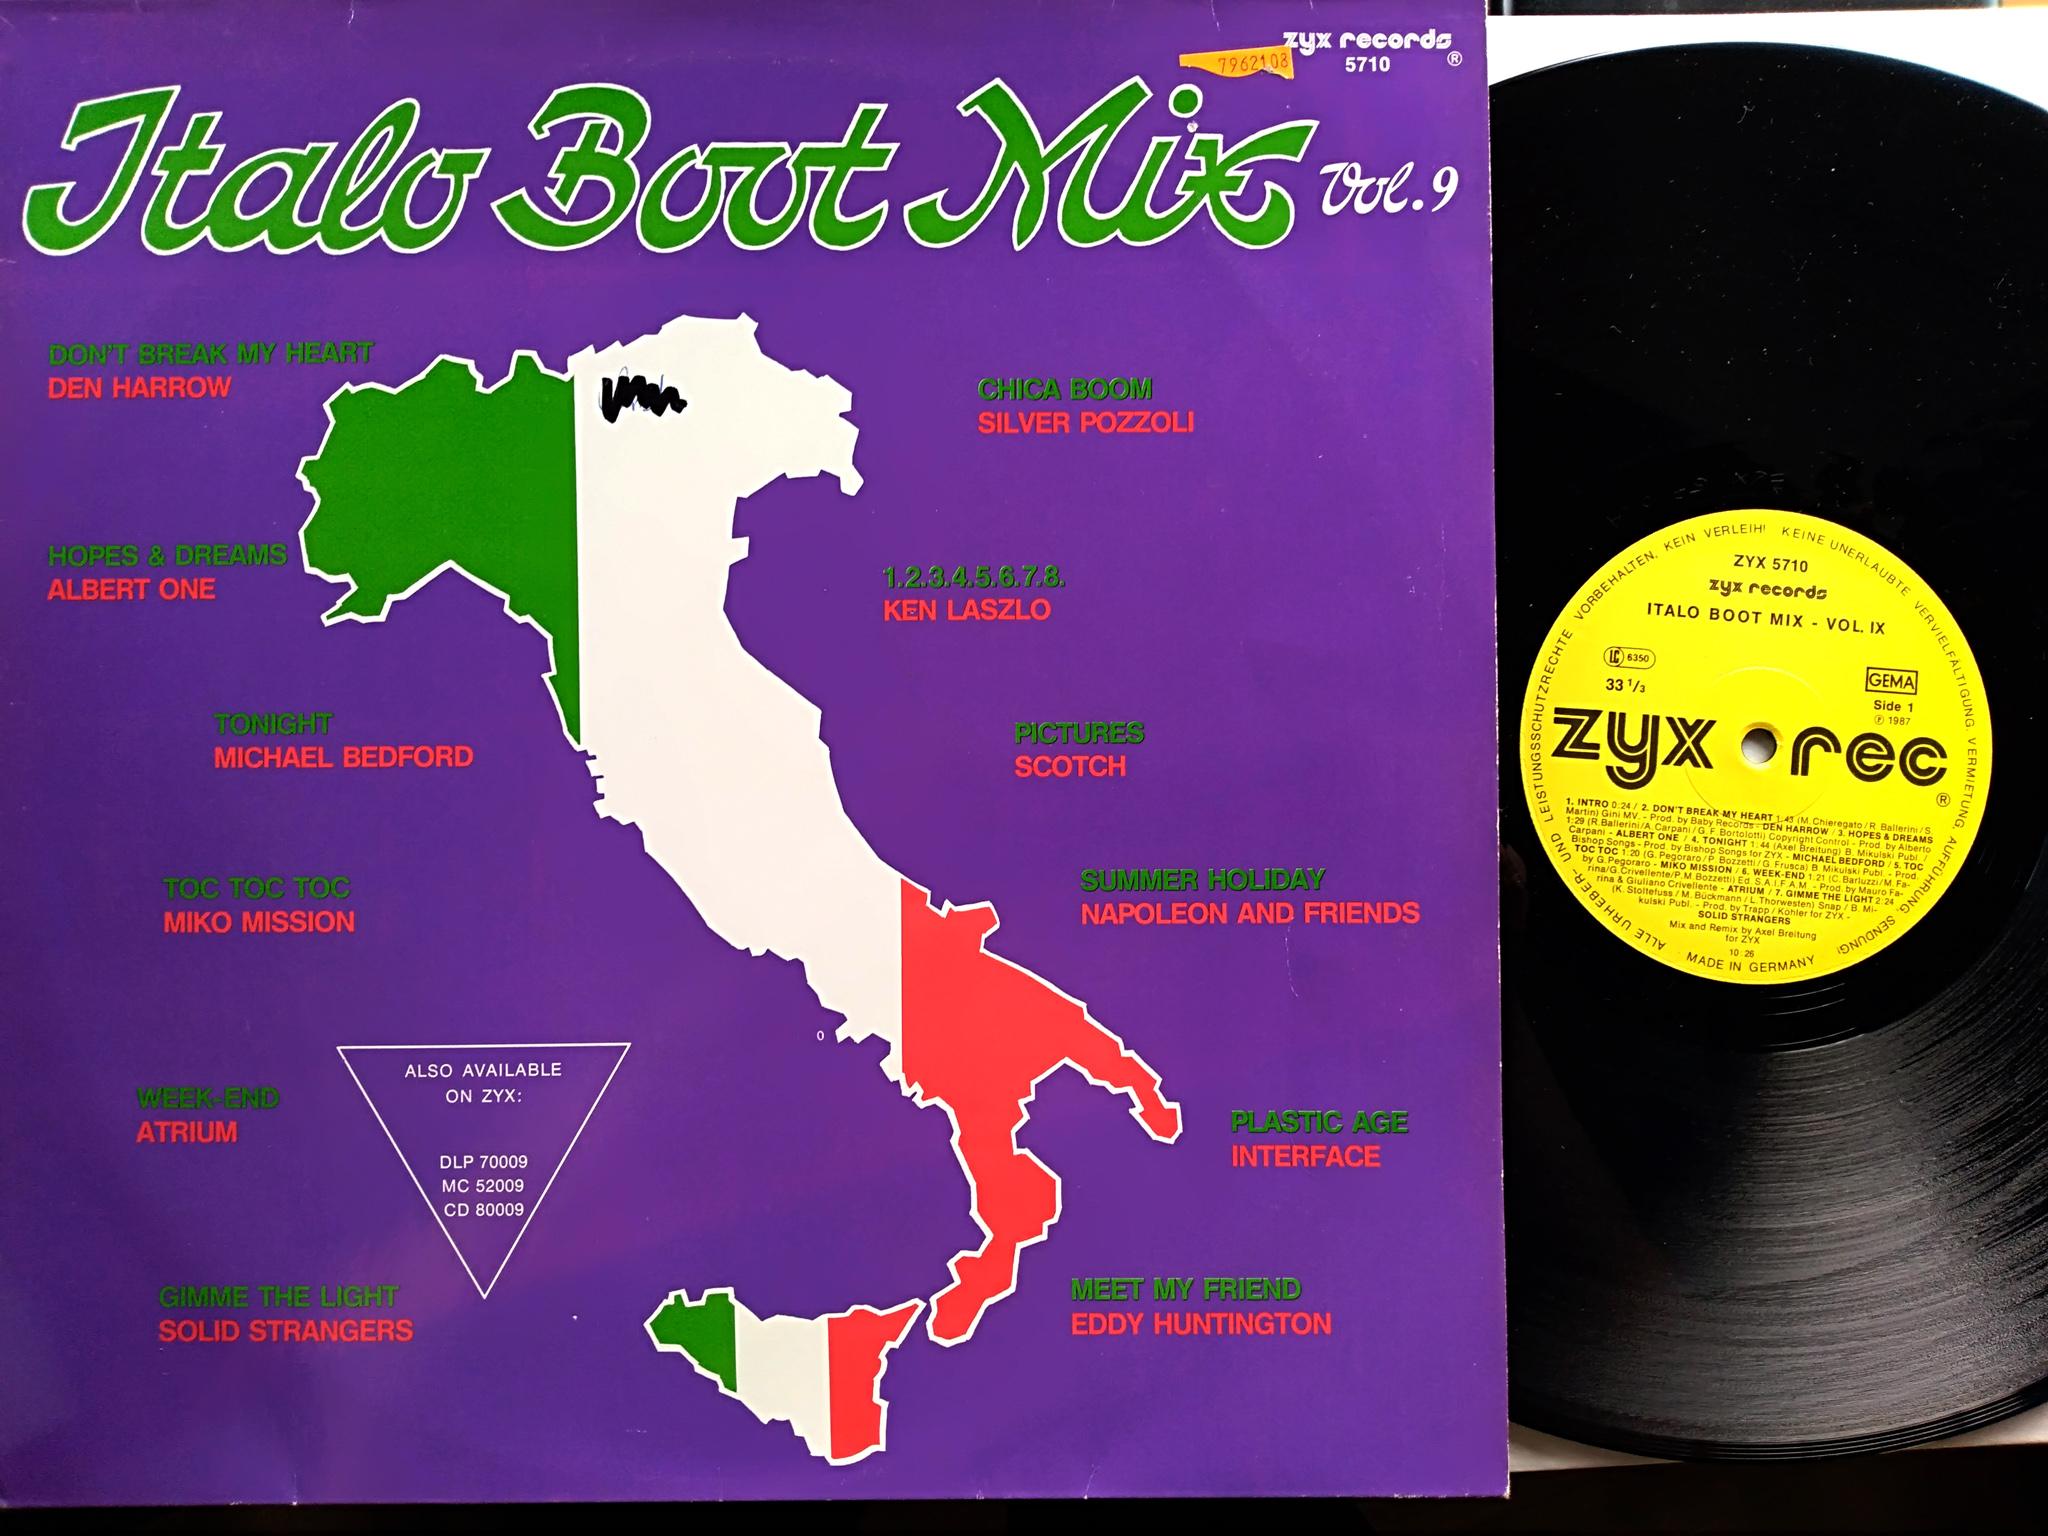 Italo Boot Mix - Vol.09 1987